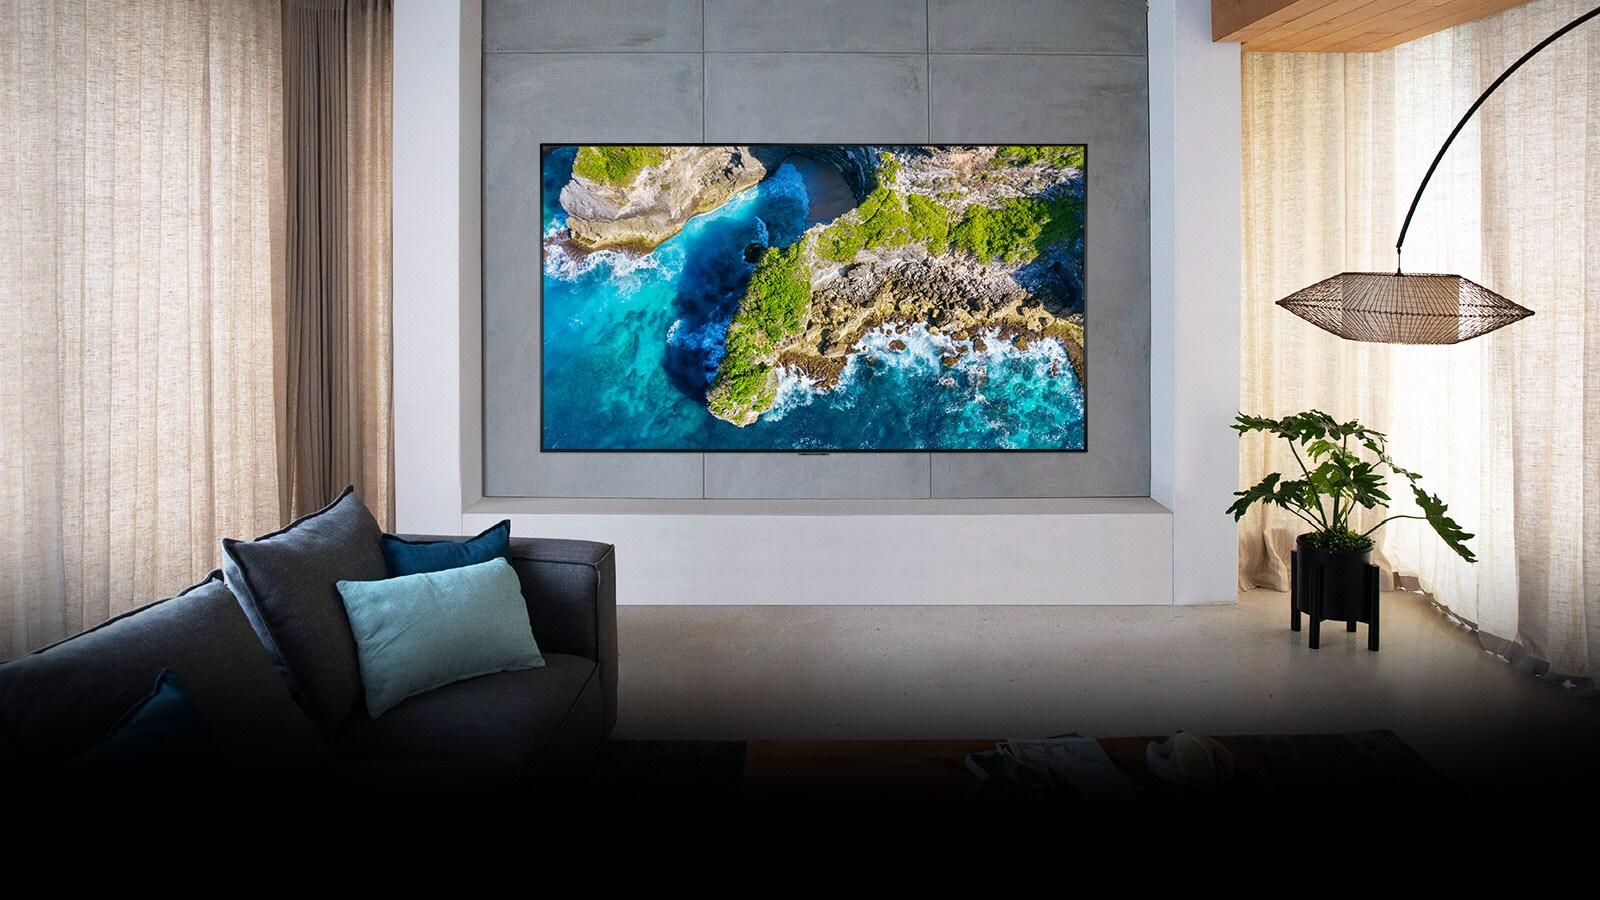 TV-OLED-GX-23-Luxury-D.jpg (1600×900)